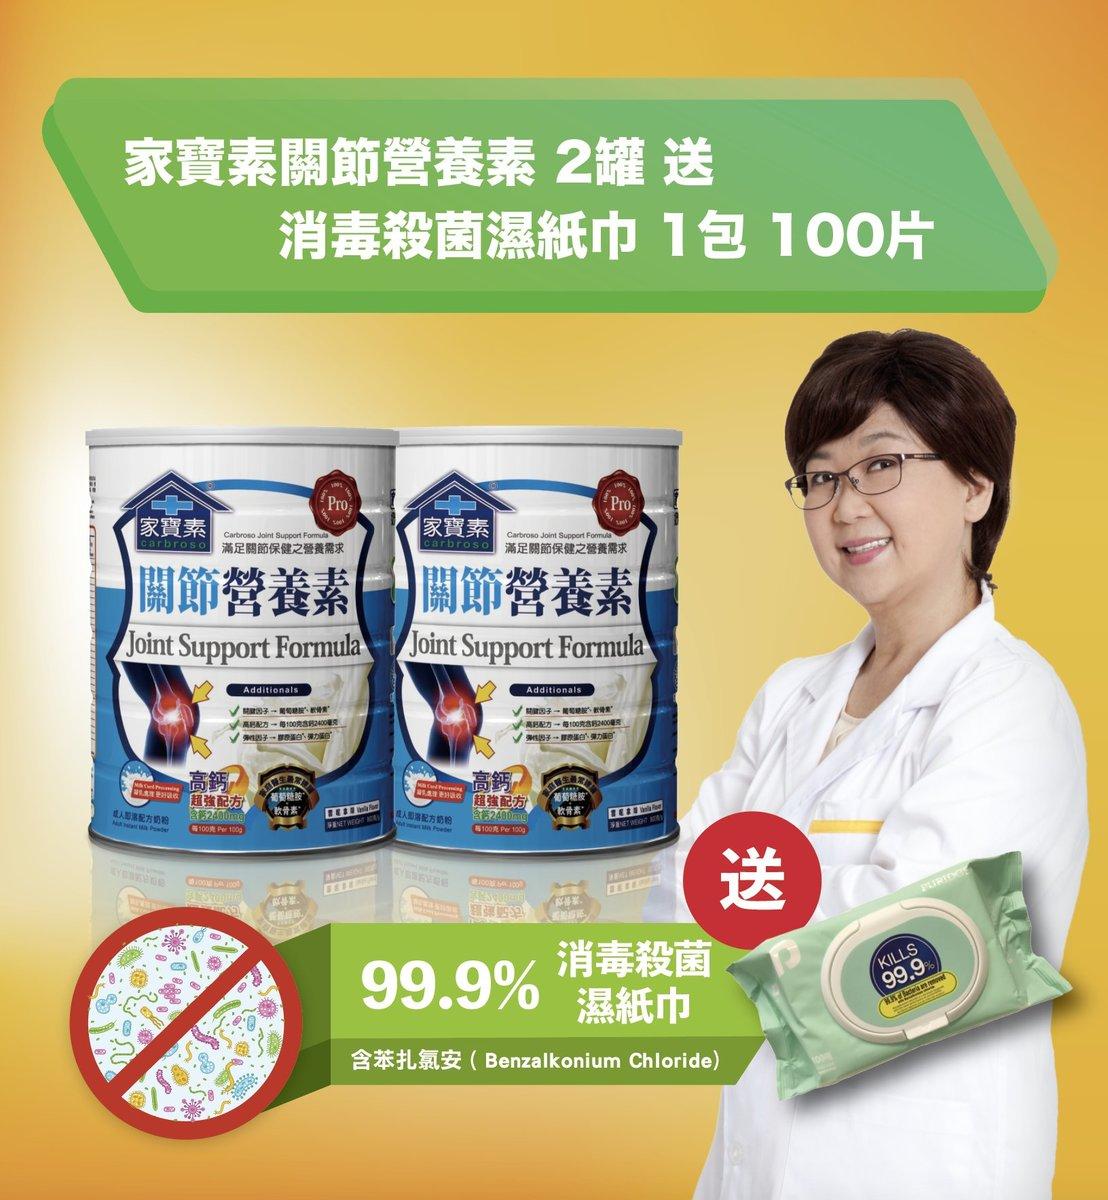 關節營養素優惠裝(含韓國製造消毒殺菌濕紙巾100片)